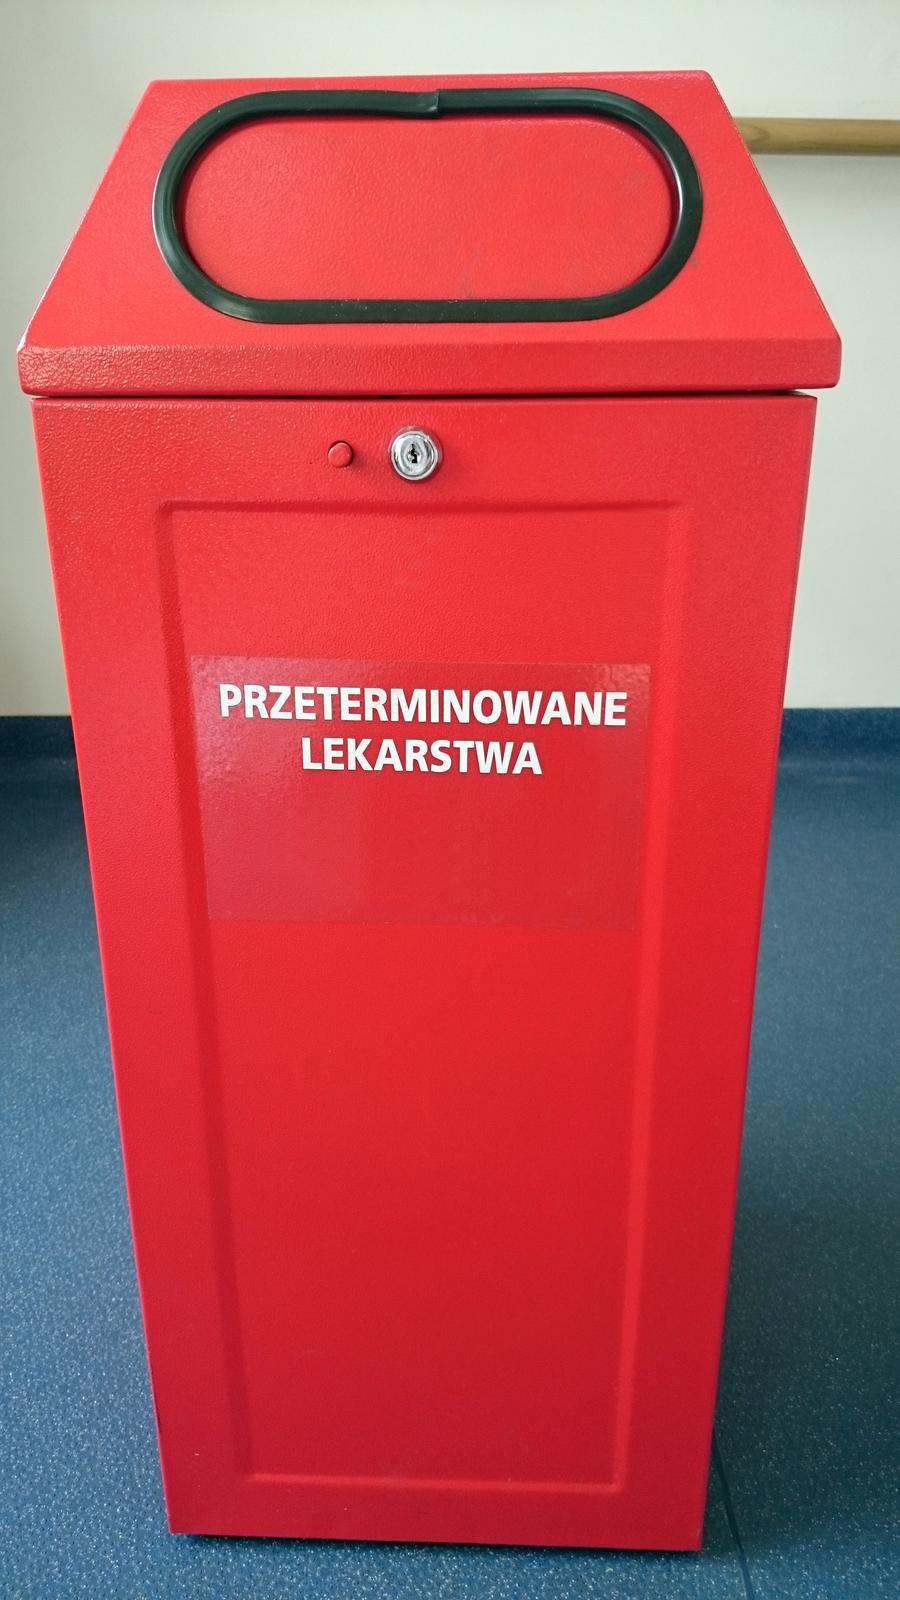 Zdjęcie przedstawia pojemnik na przeterminowane leki, który można znaleźć waptekach.